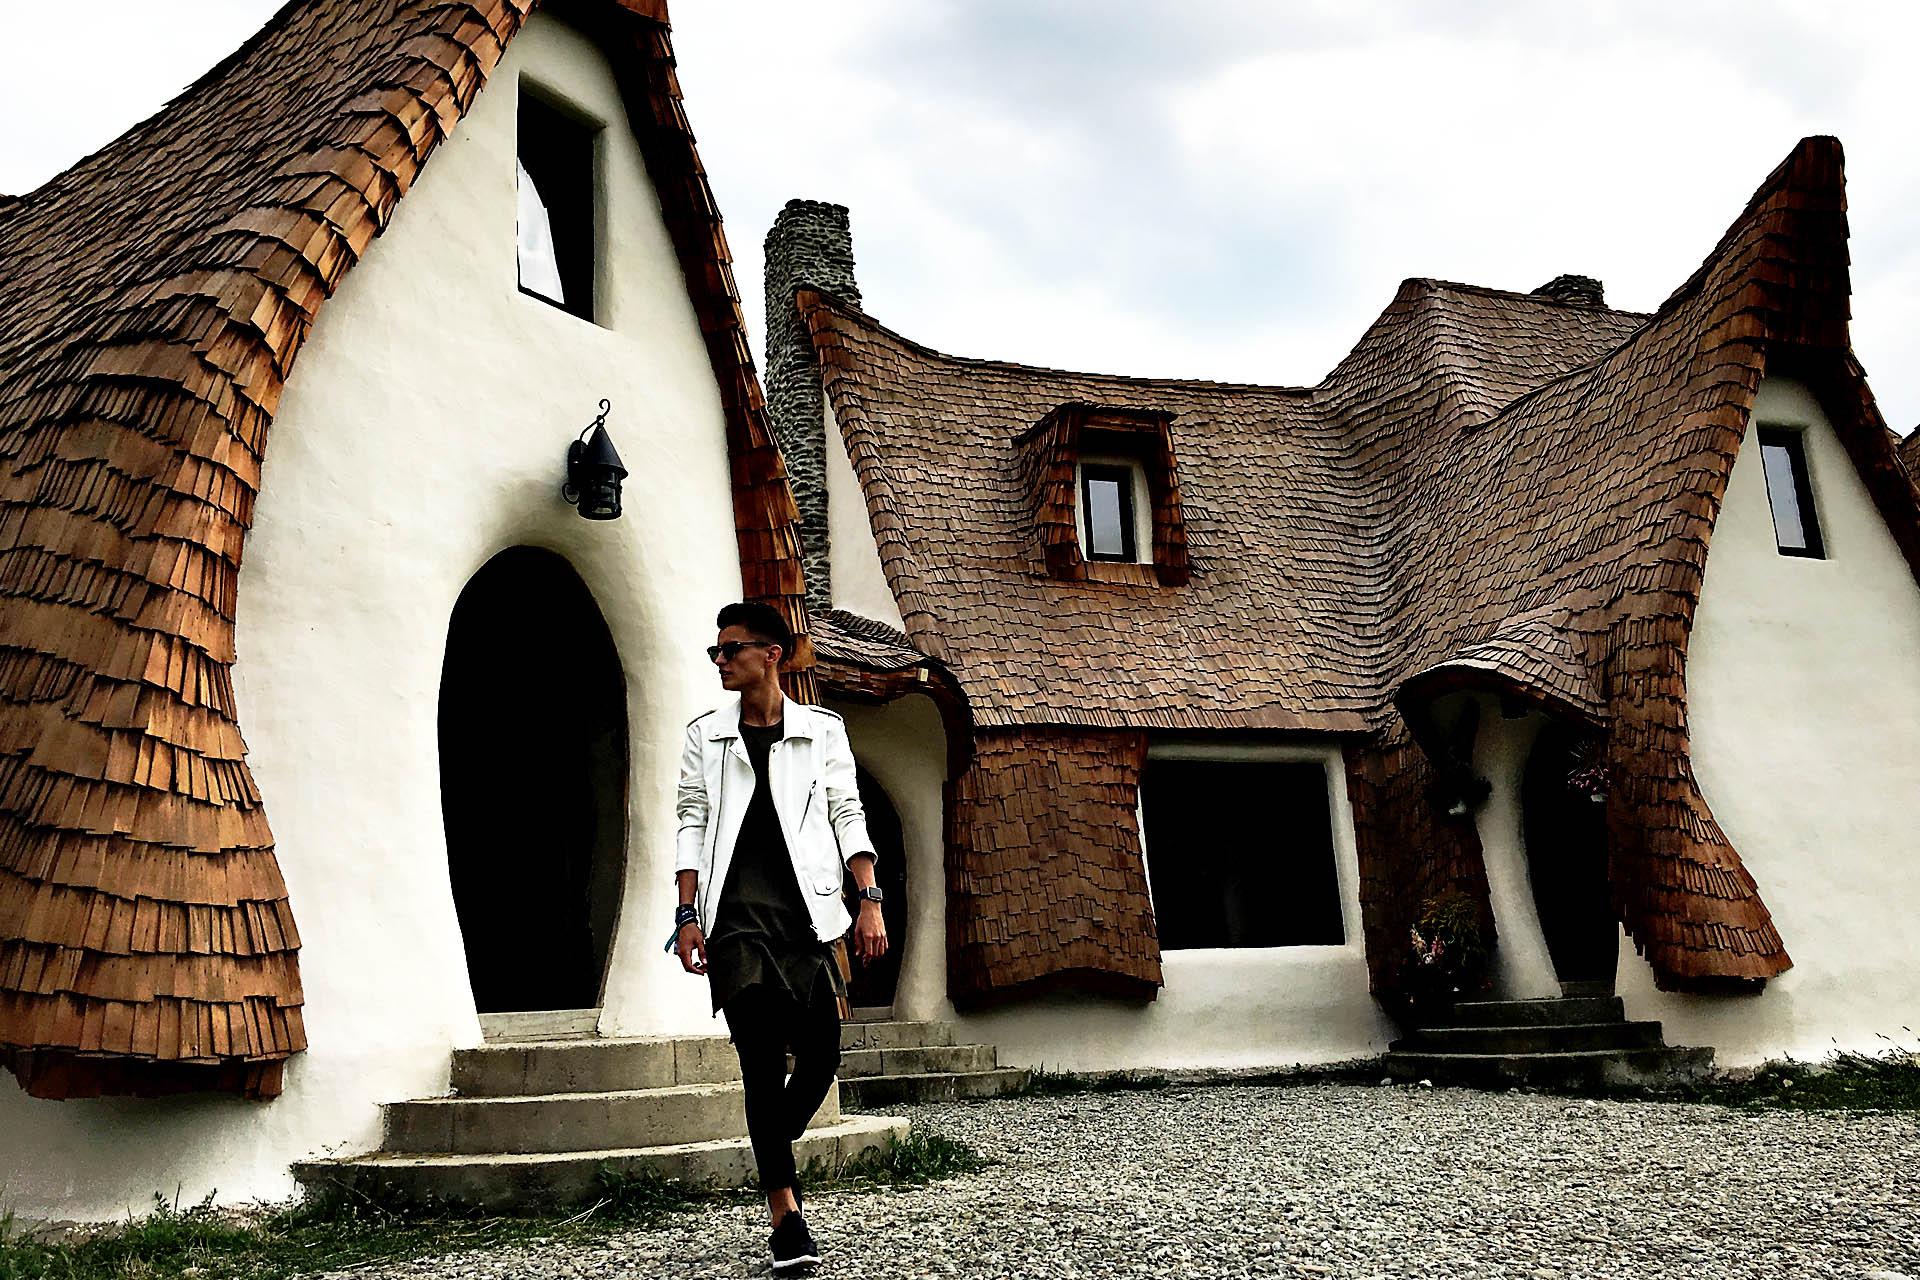 castelul_de_lut_romania_zanelor_cavaleria_ro_untold